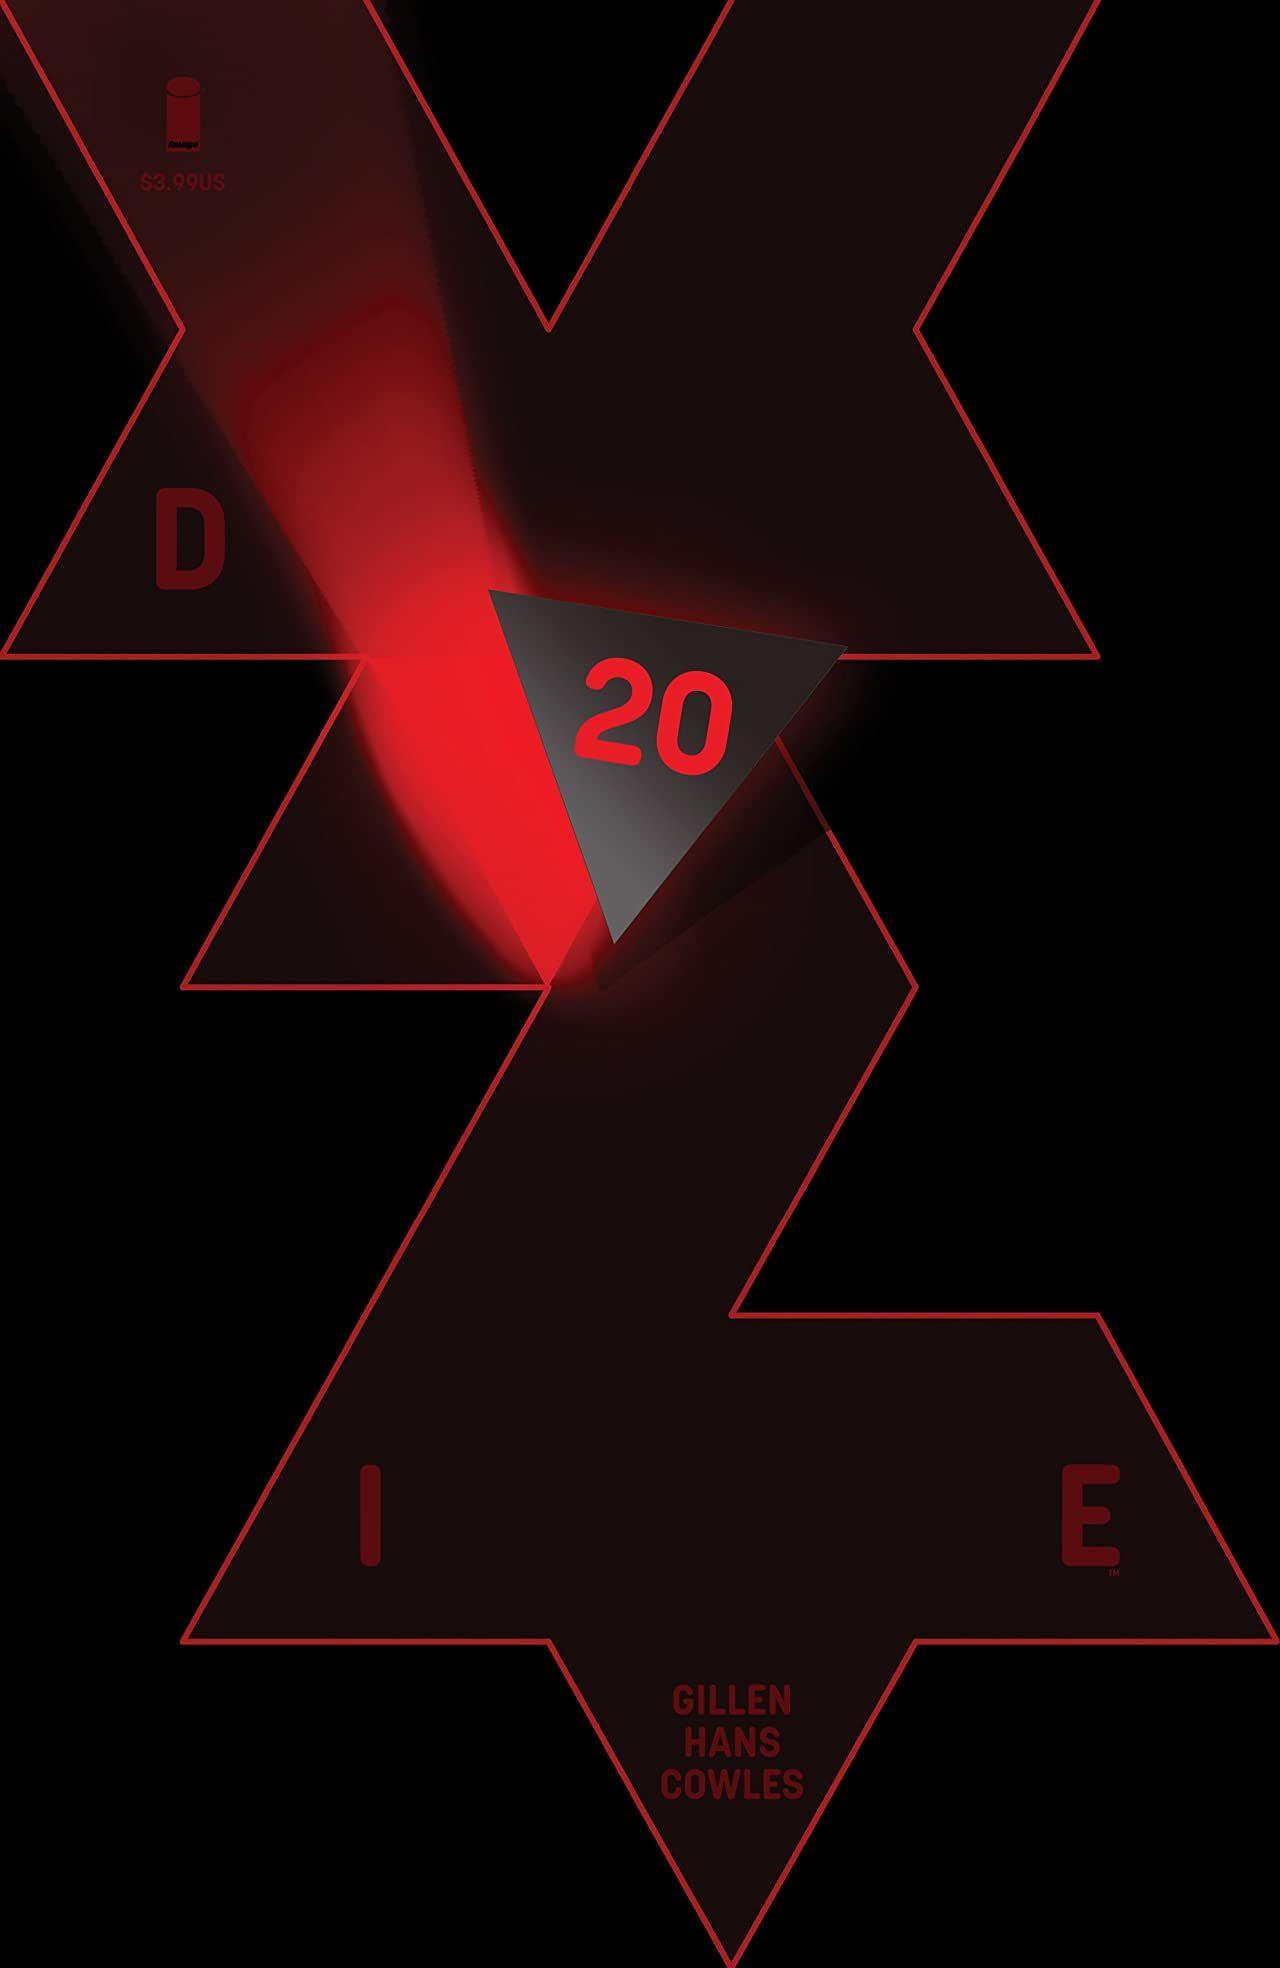 Die #20